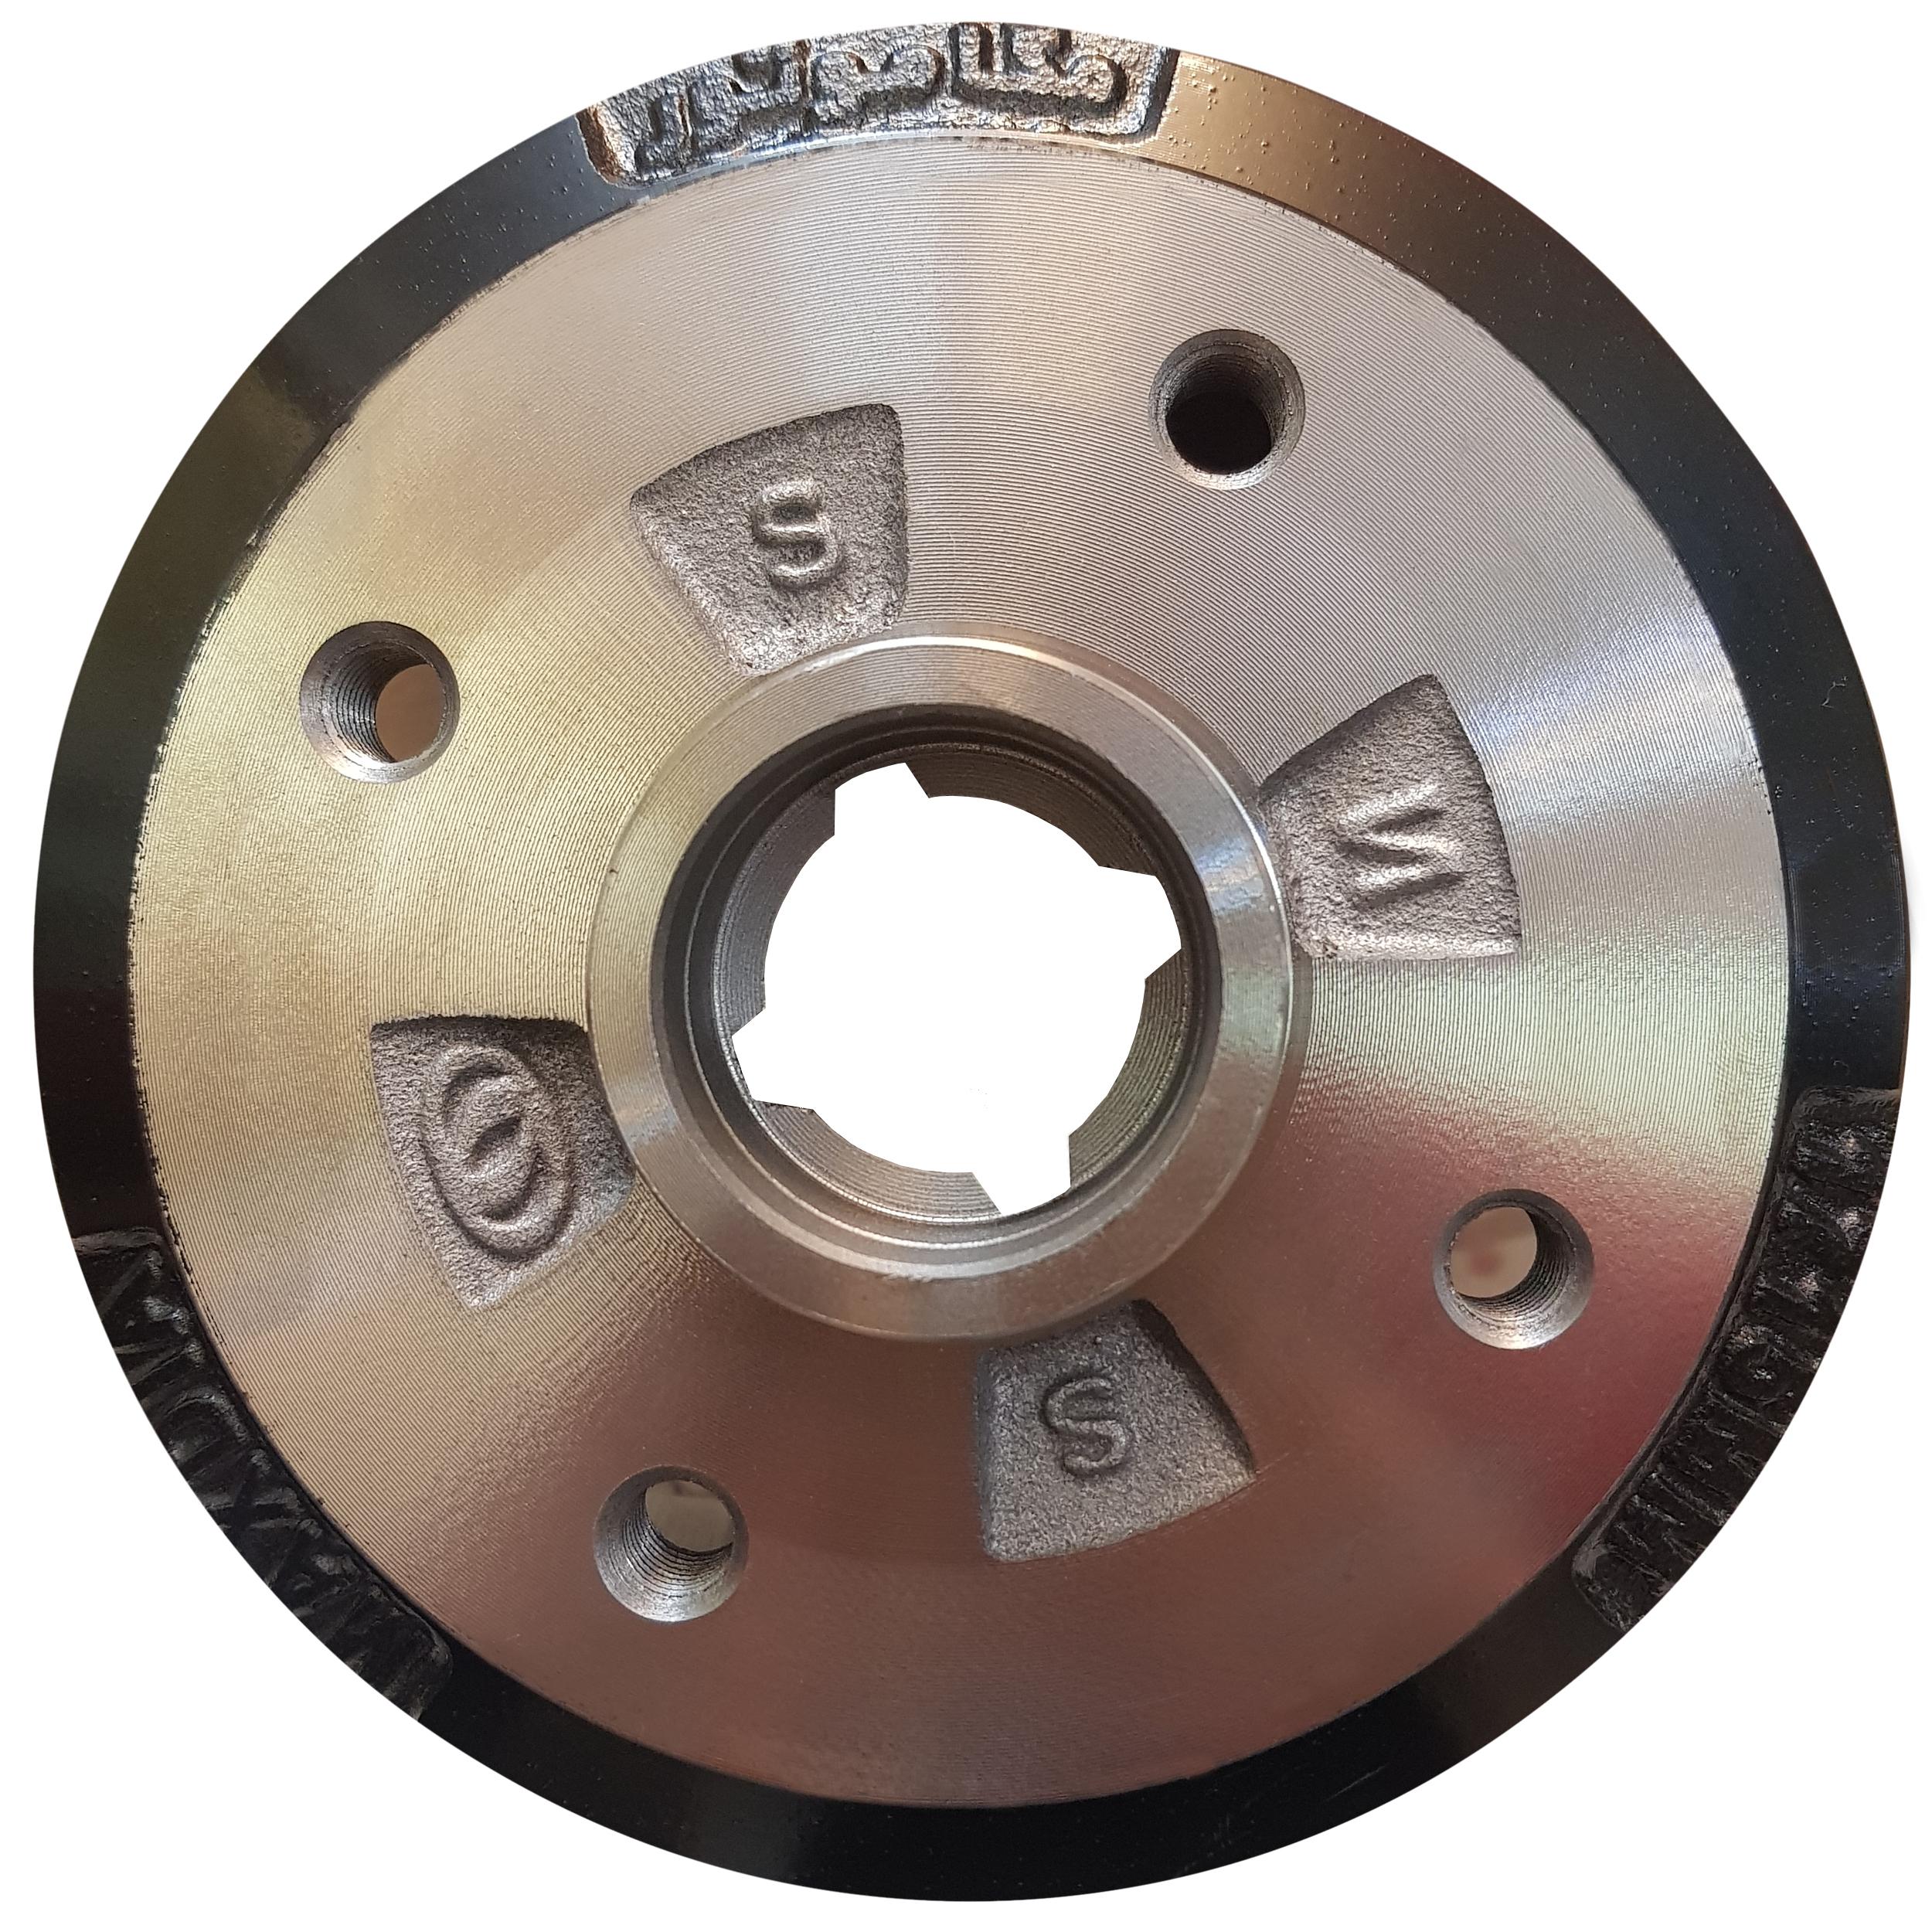 کاسه چرخ عقب کد 3001 مناسب برای پراید